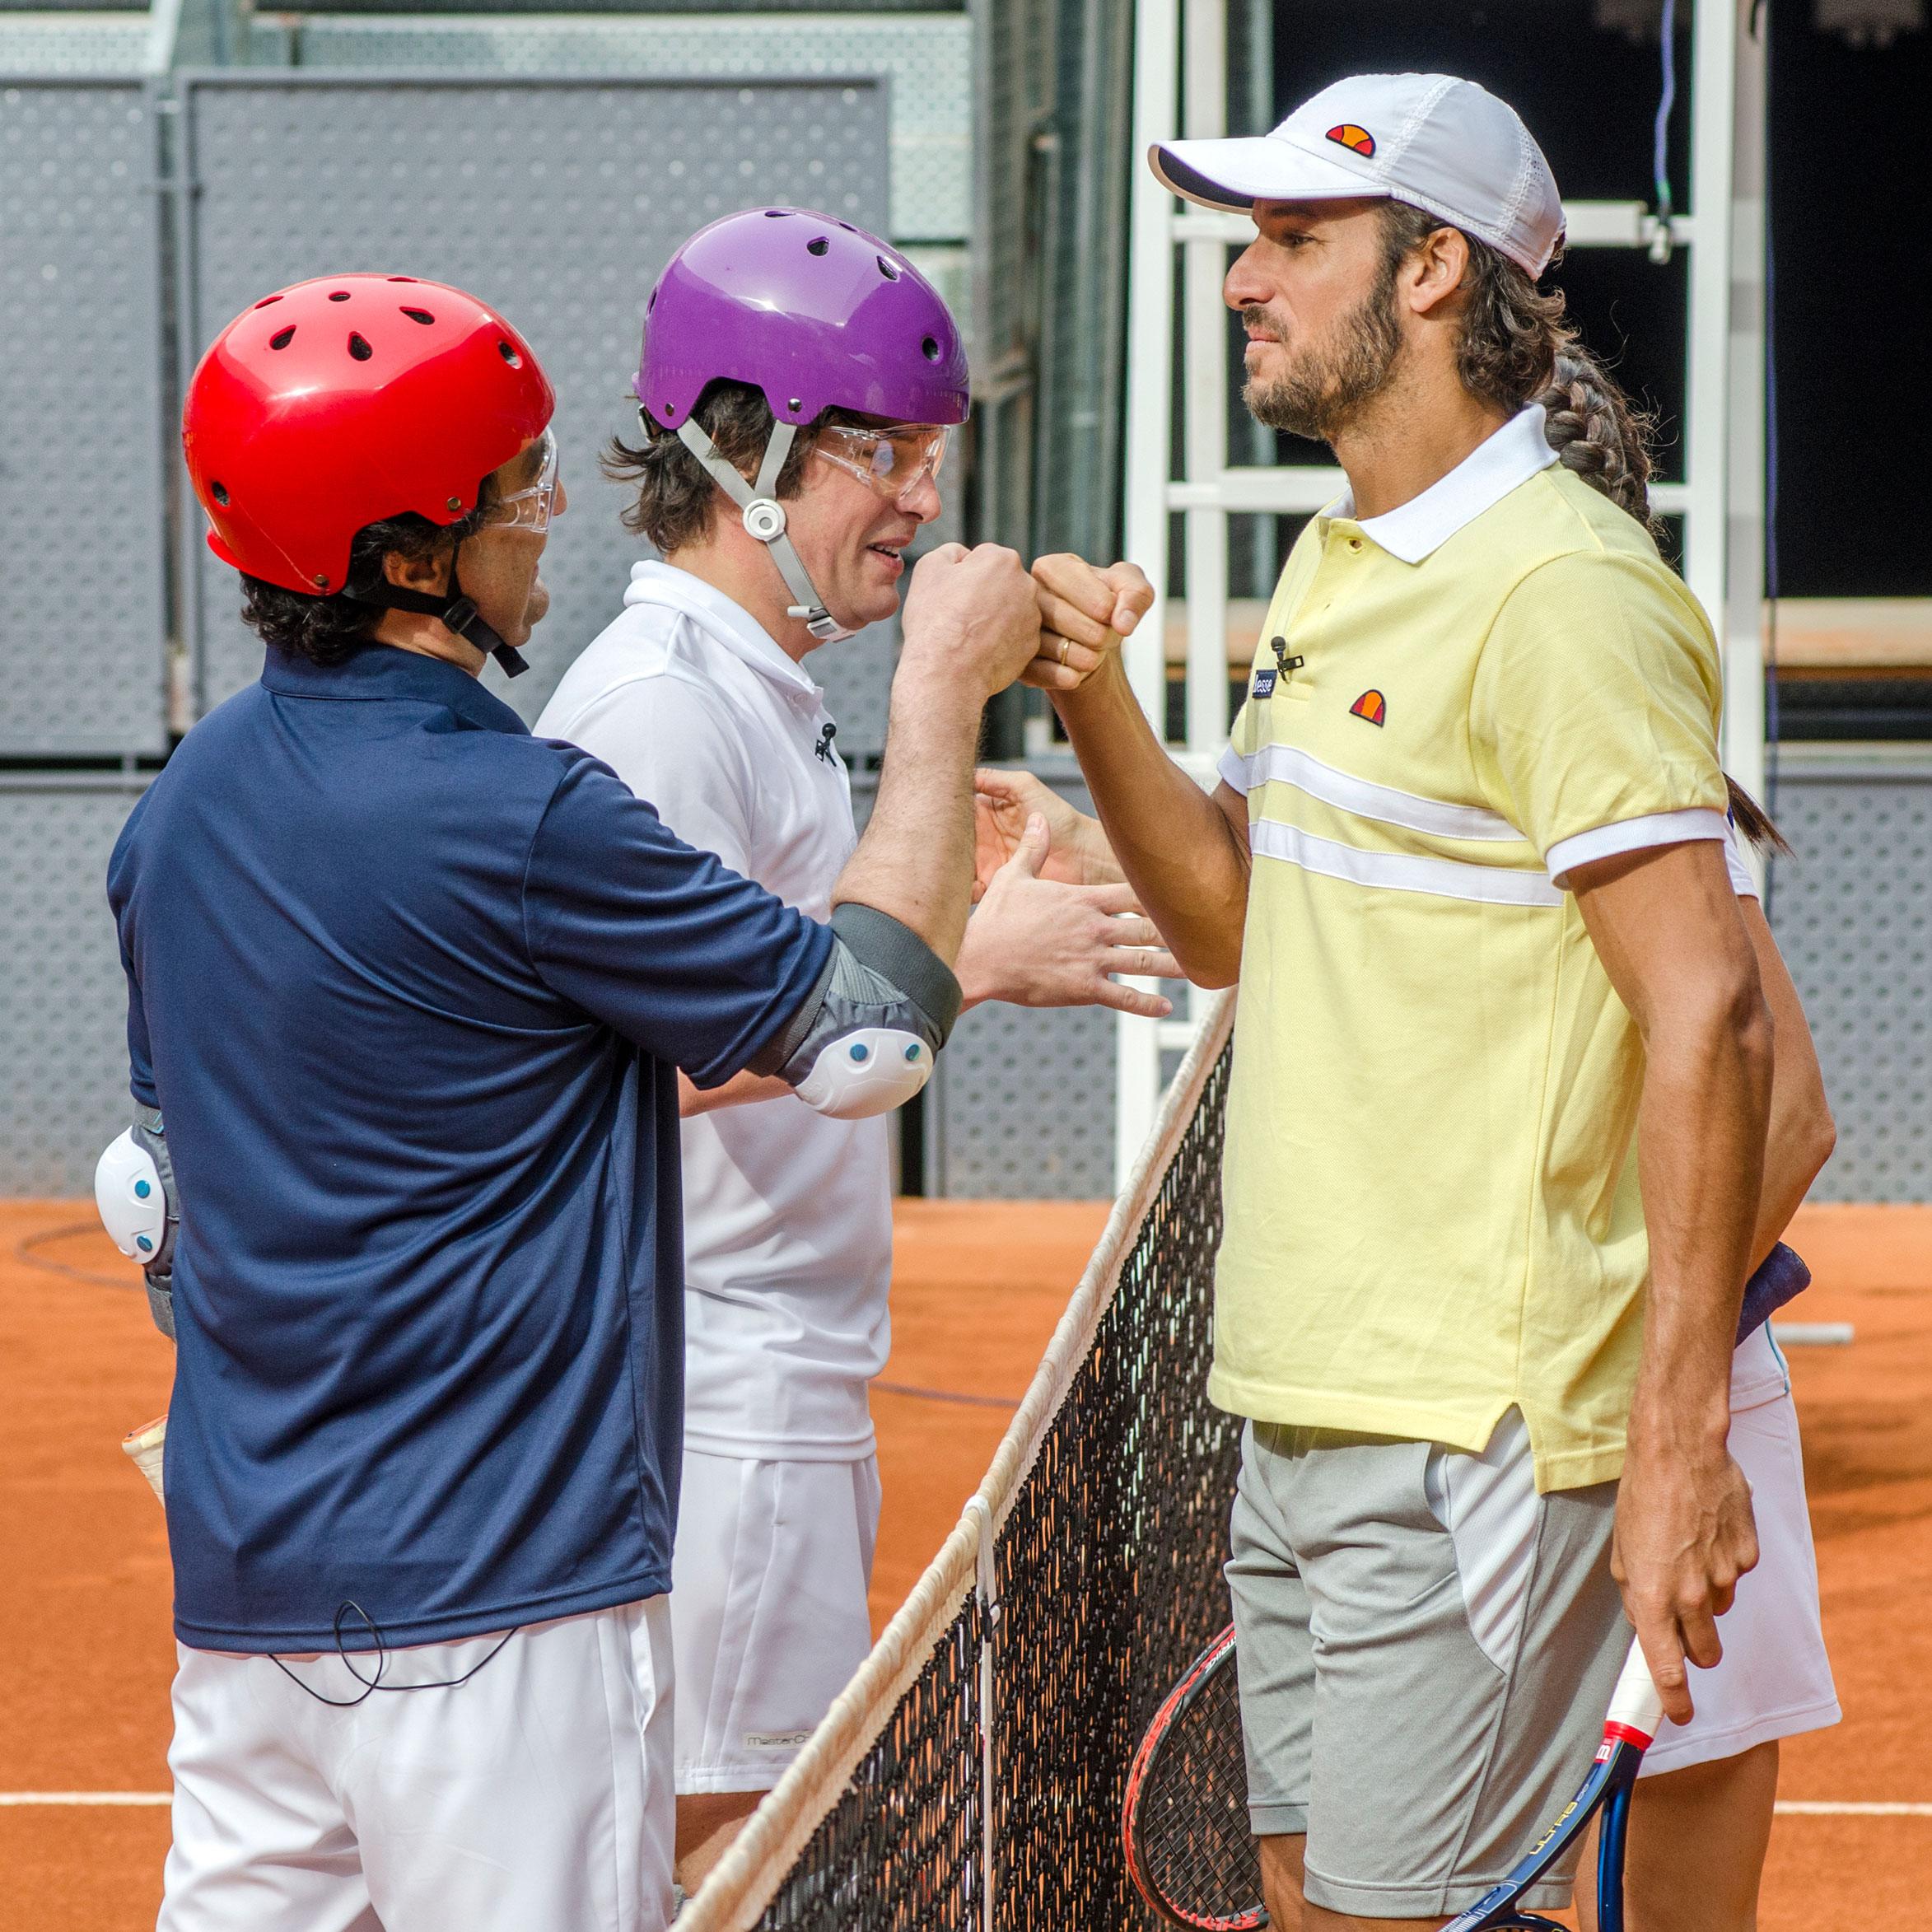 tennis_masterchef_jueces